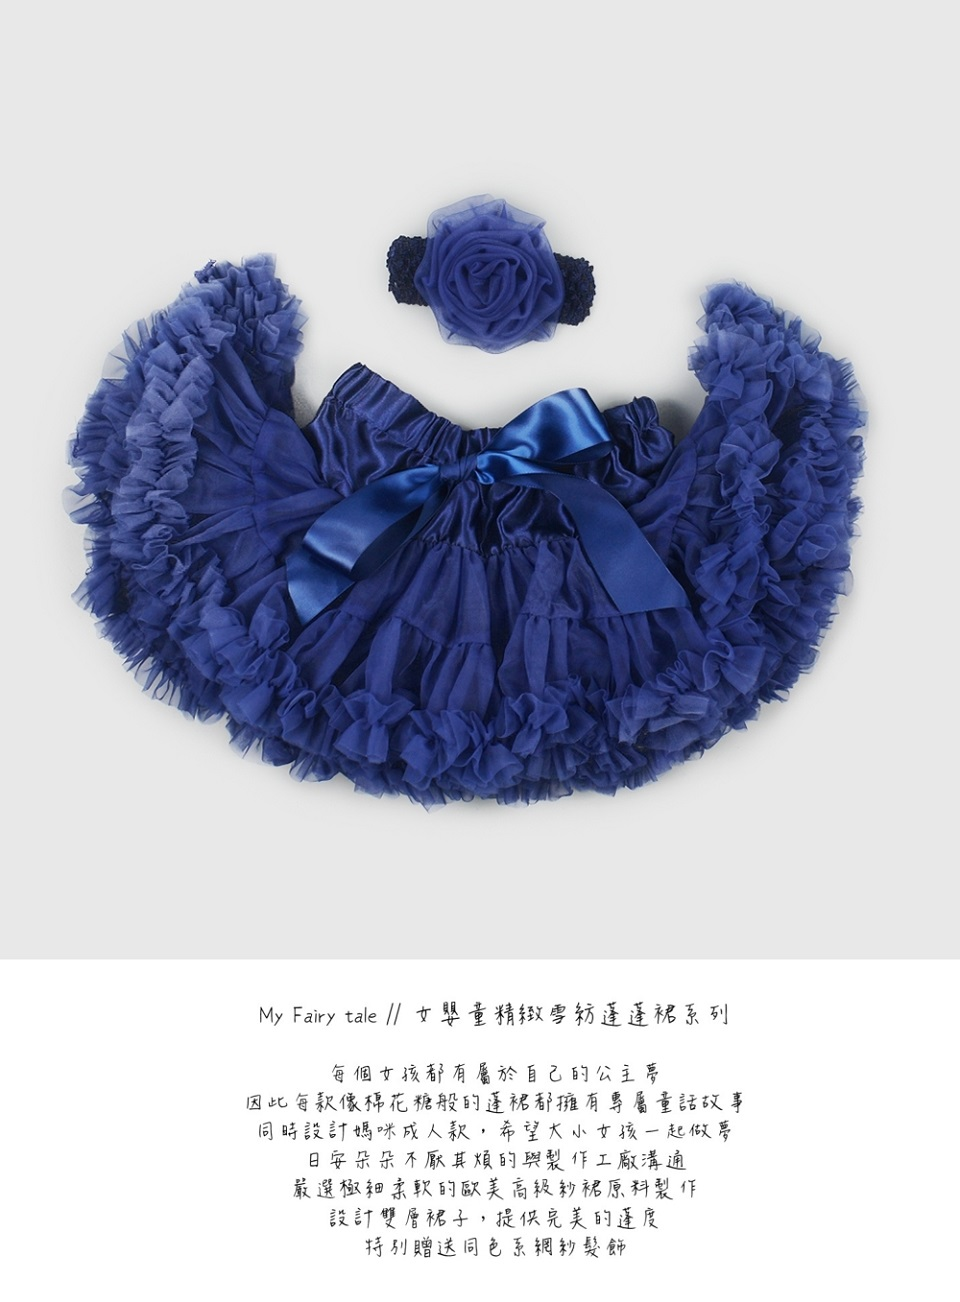 日安朵朵 女嬰童蓬蓬裙夢幻禮盒 - 海洋之心 8-9歲(130cm)[預購]